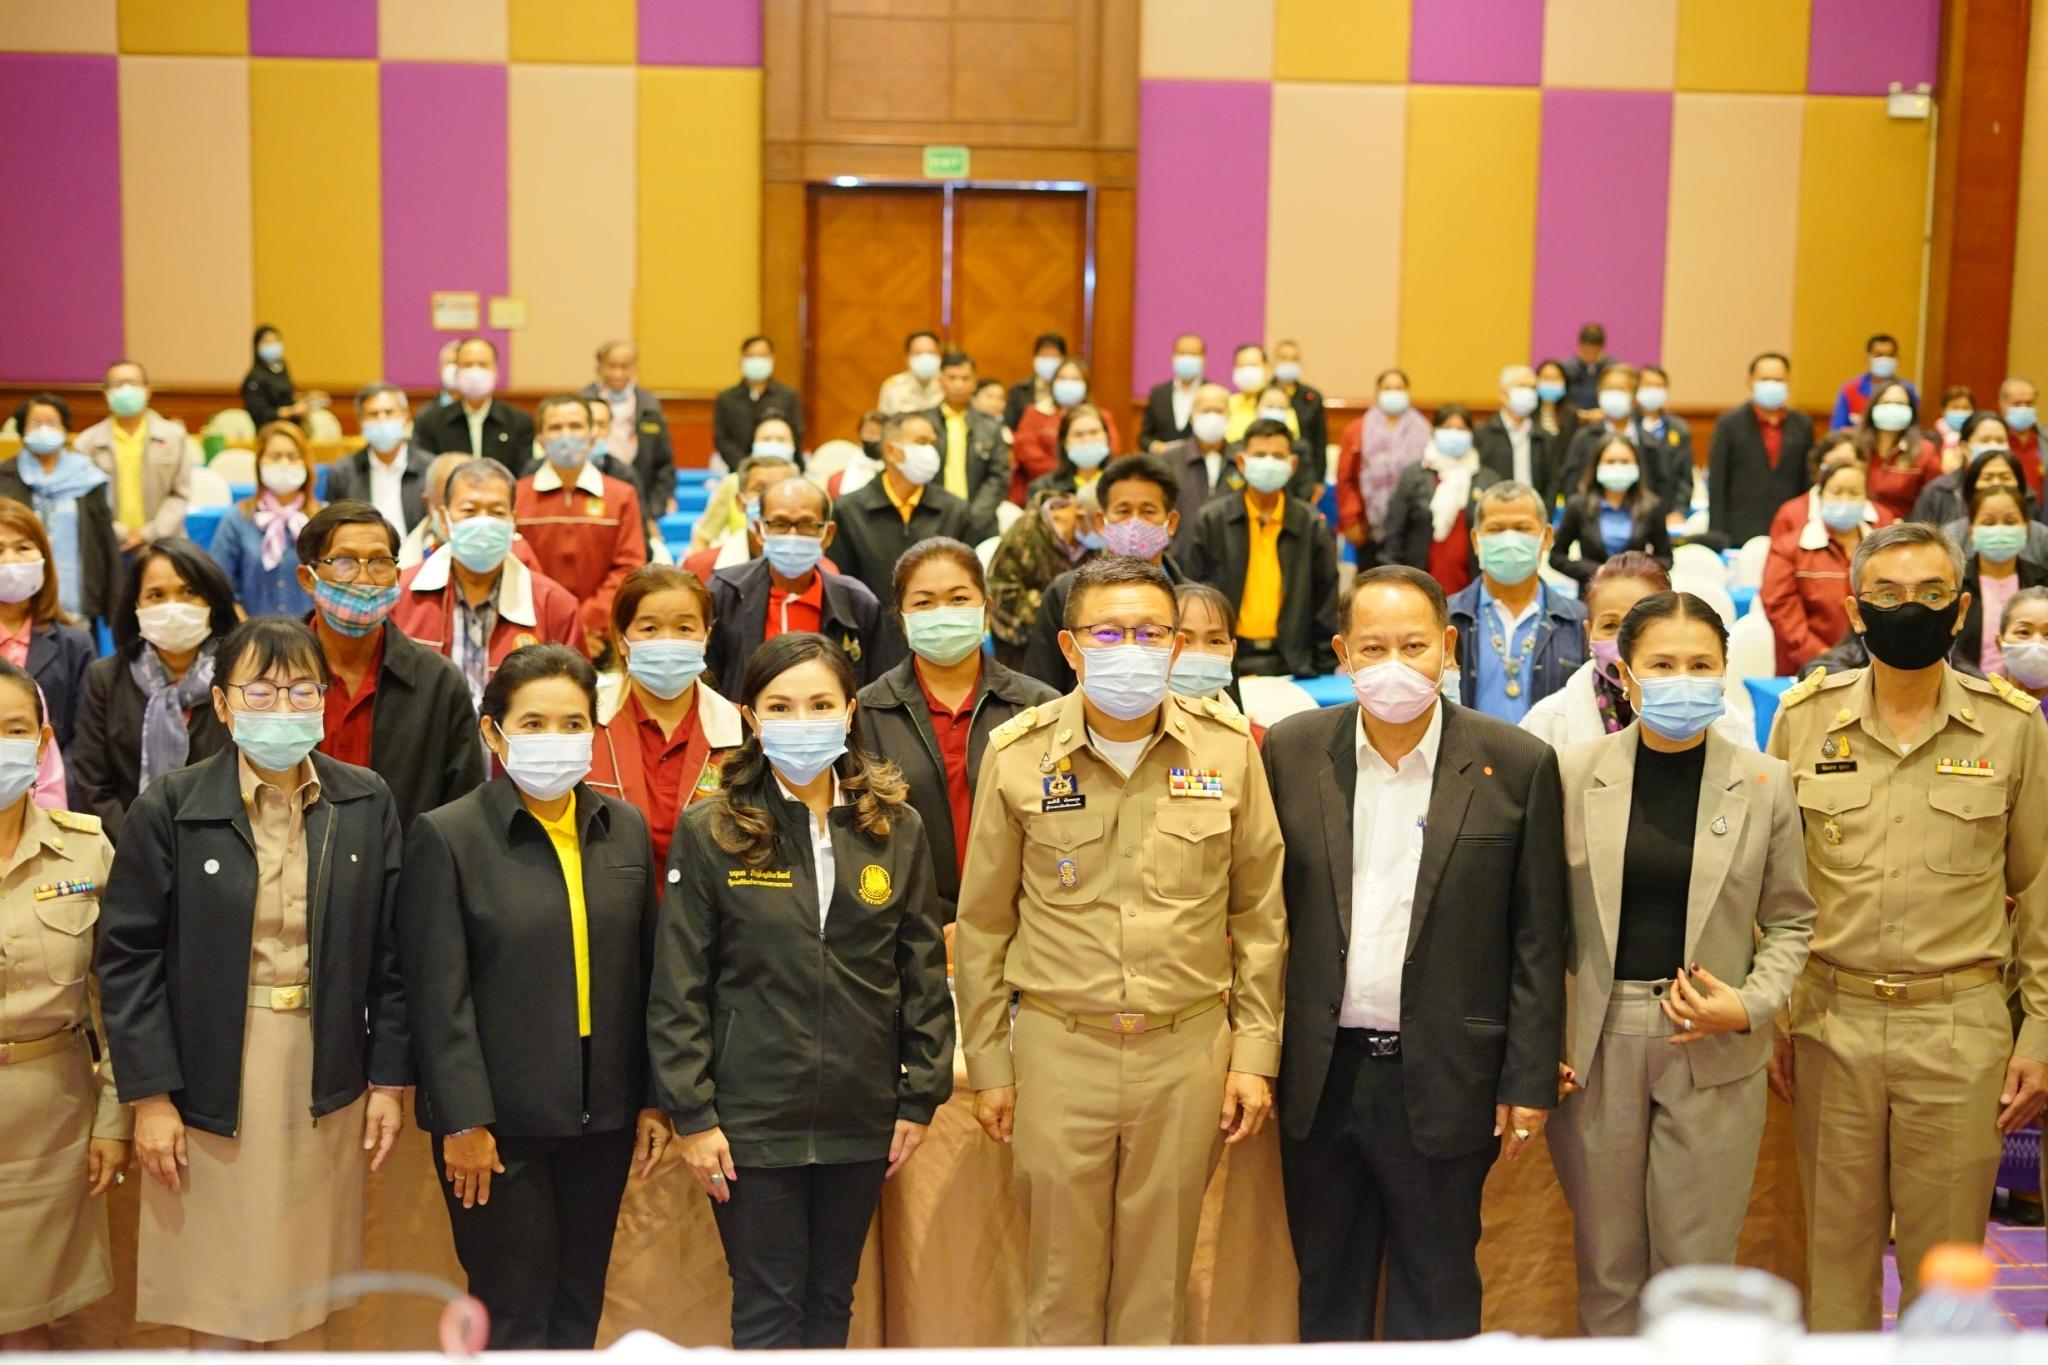 สำนักงานแรงงานจังหวัดขอนแก่น จัดประชุมสัมมนาโครงการอาสาสมัครแรงงานต้านภัยยาเสพติด ประจำปีงบประมาณ พ.ศ. 2564